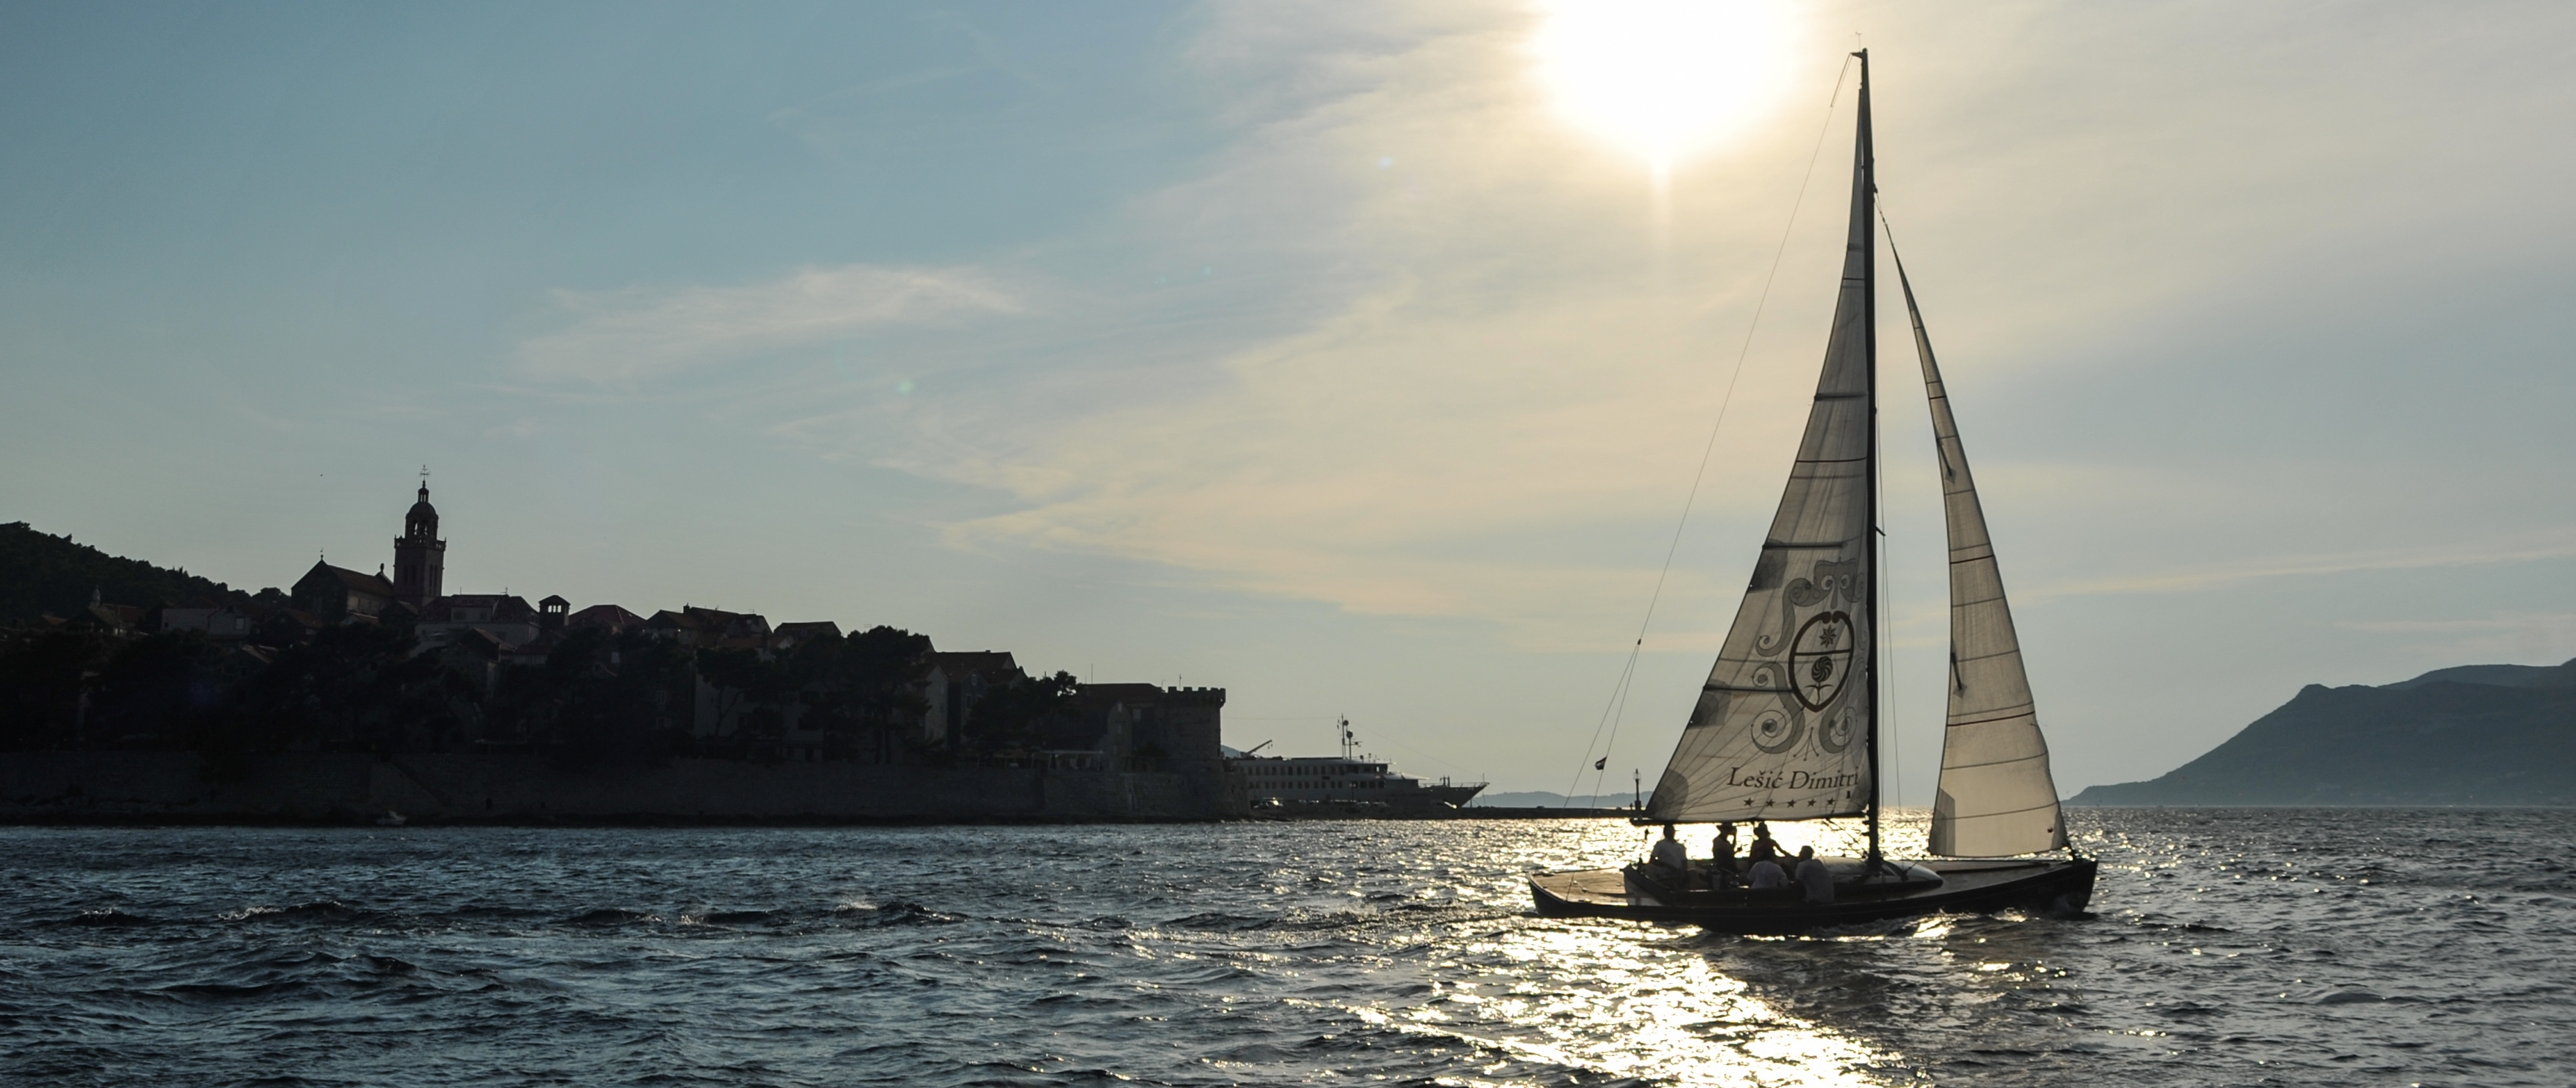 lesic-dimitri-yacht